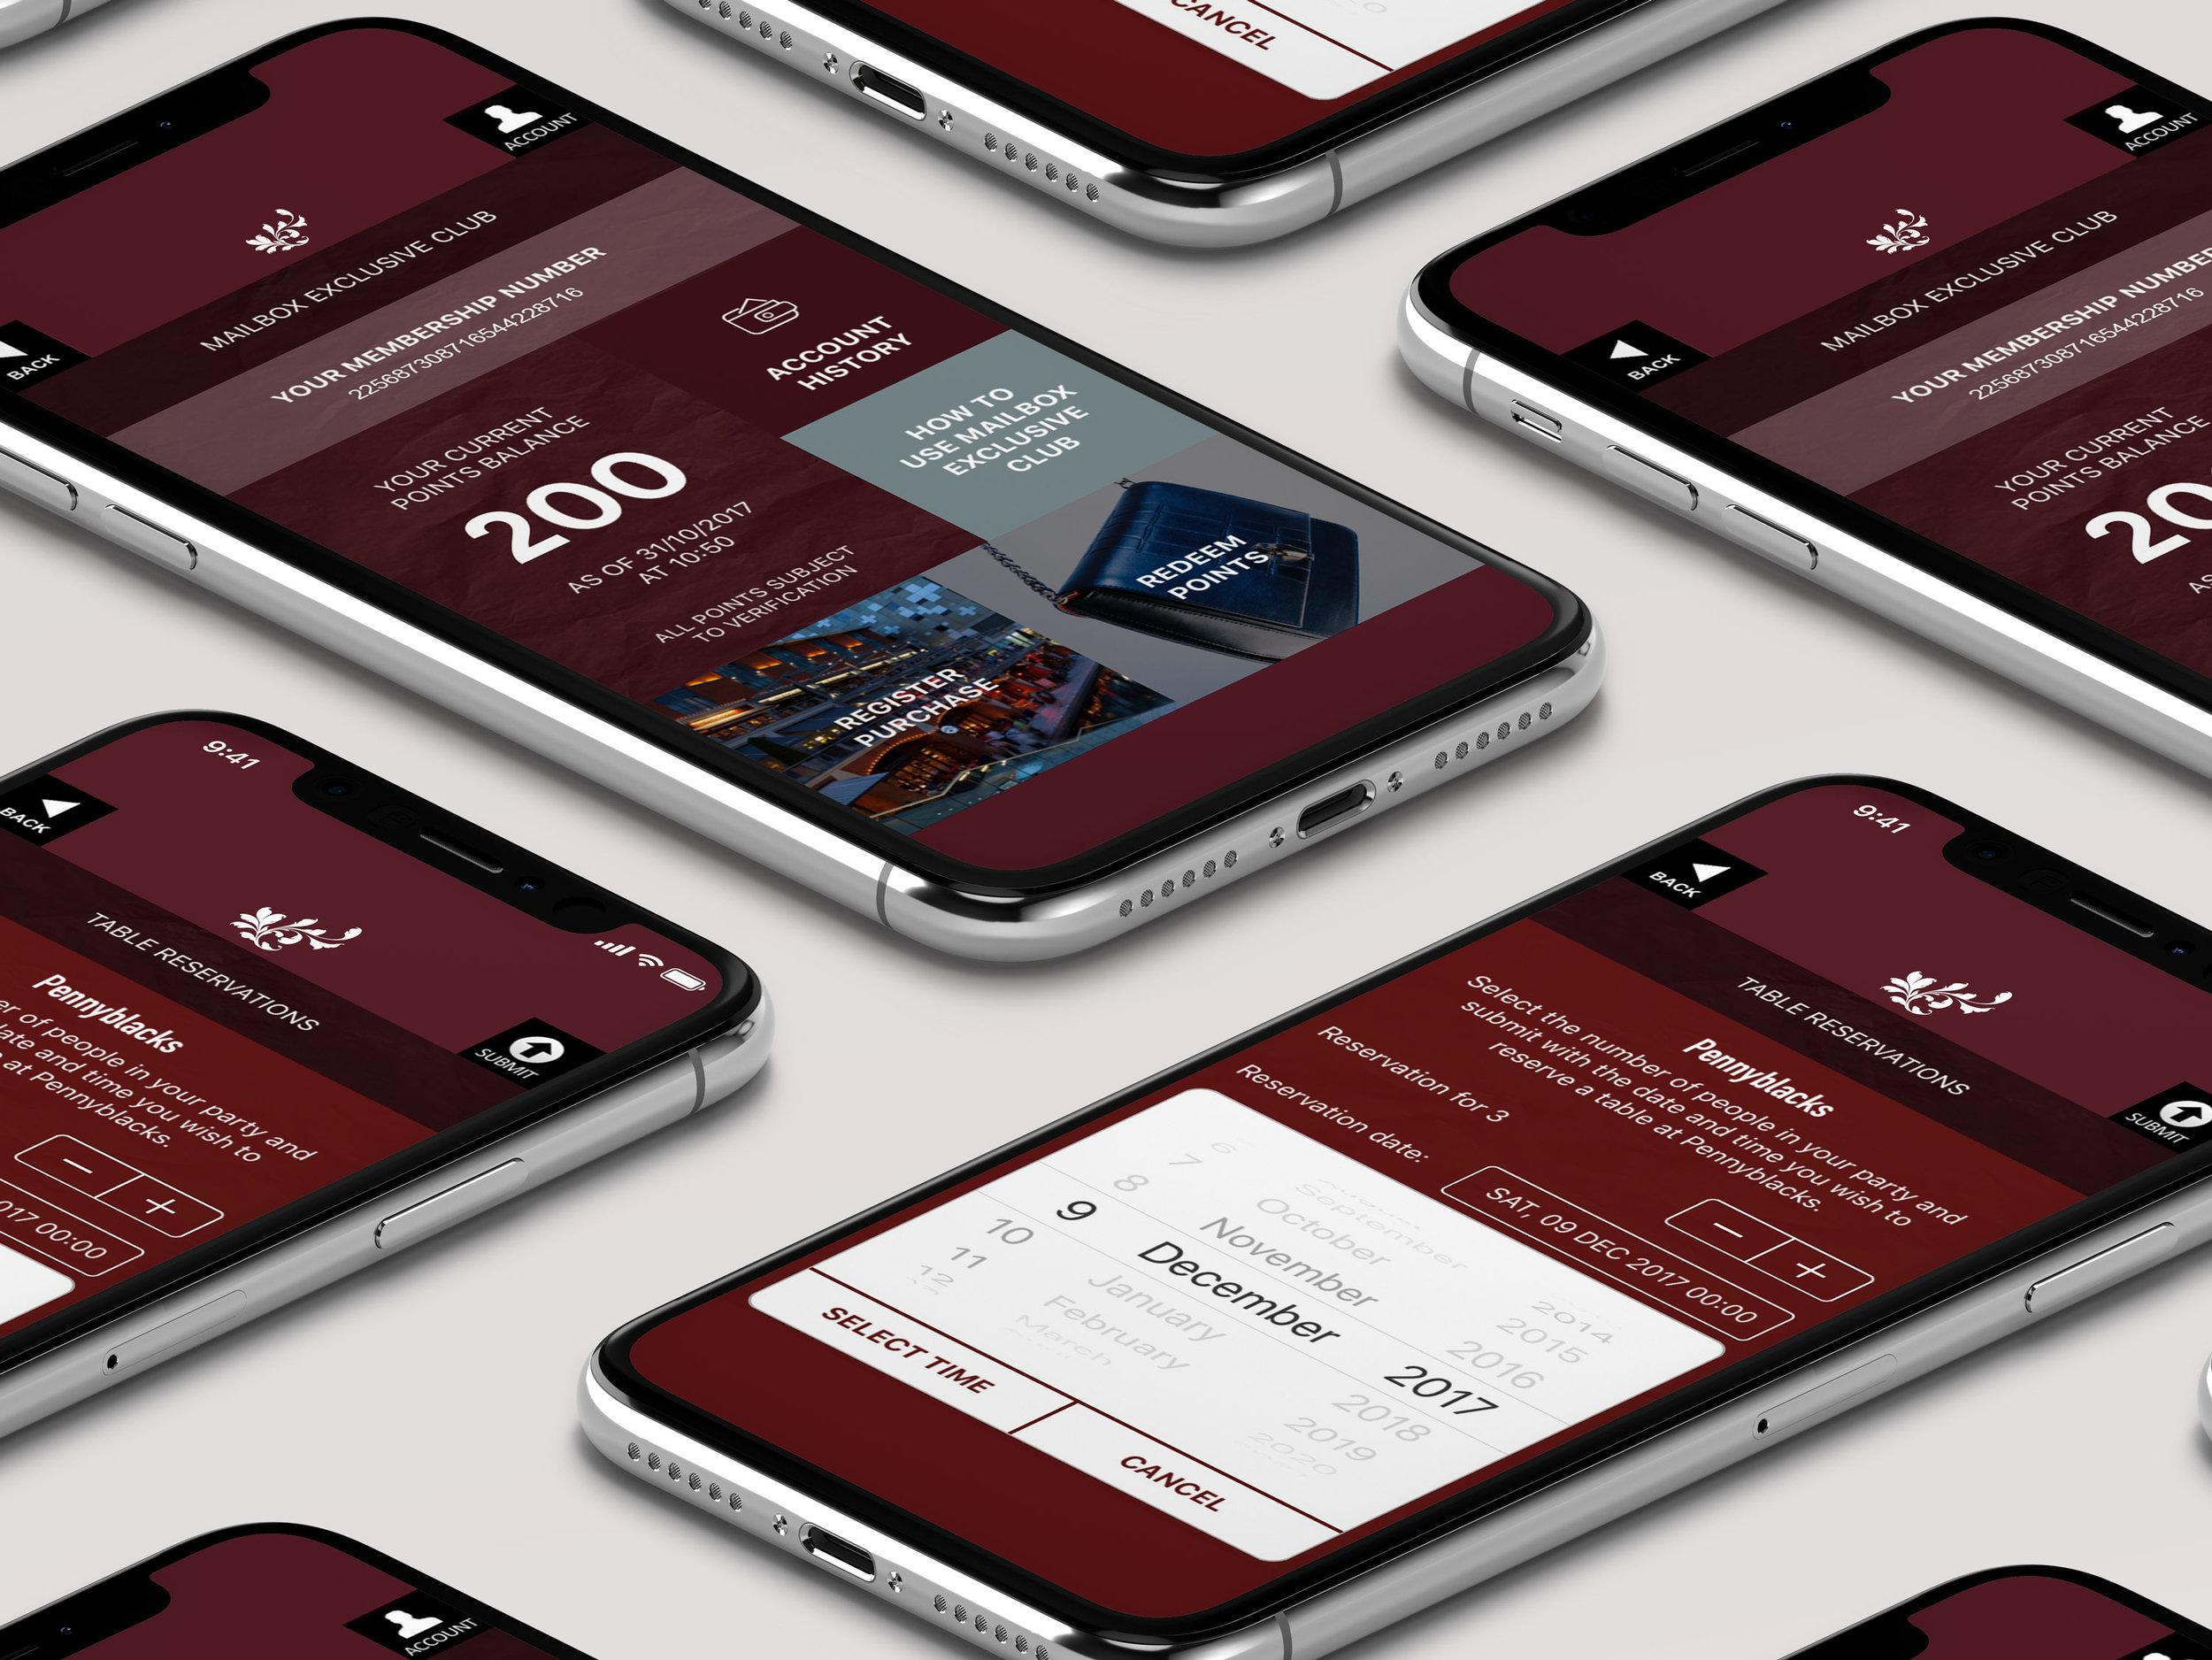 phones-2.jpg